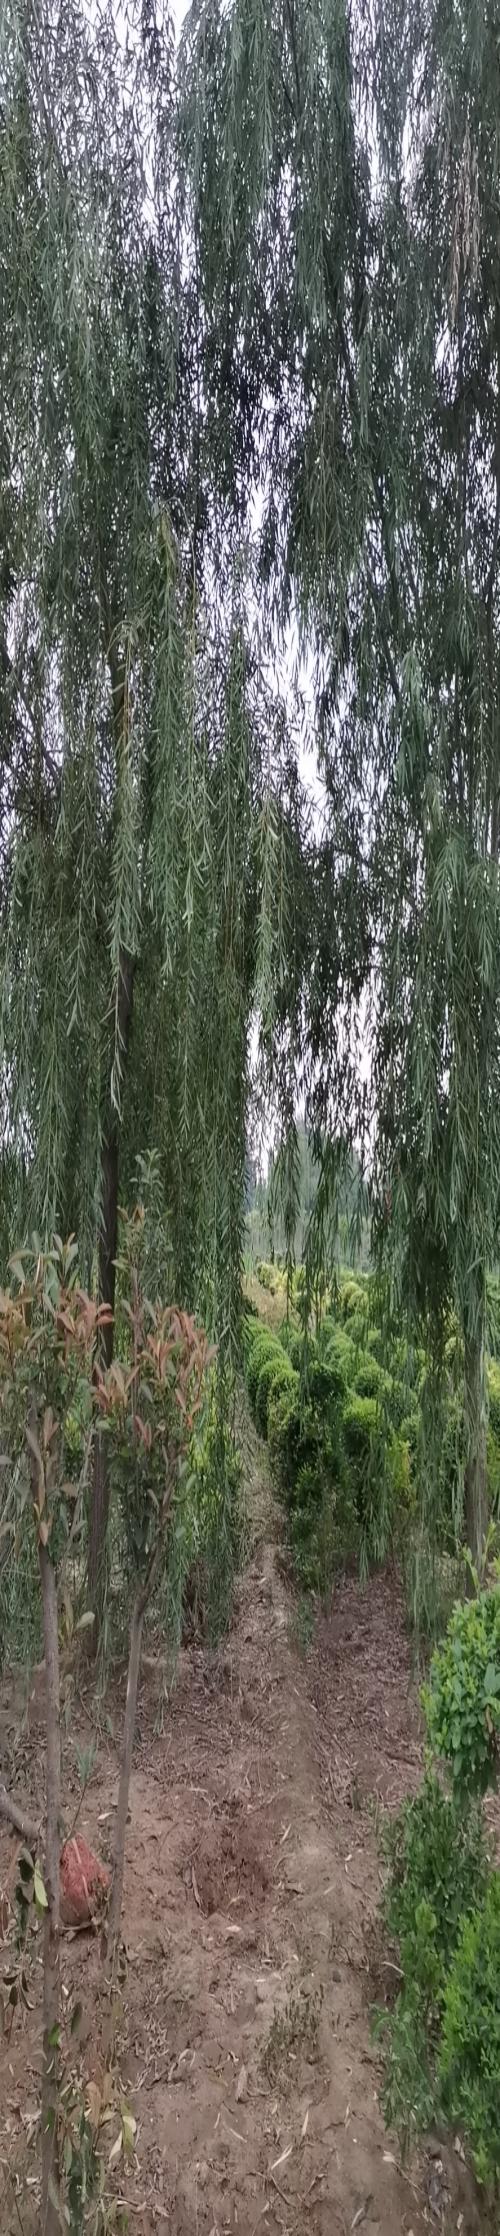 陕西青皮垂柳哪家好_绿化垂柳-长垣县华夏园林绿化有限公司